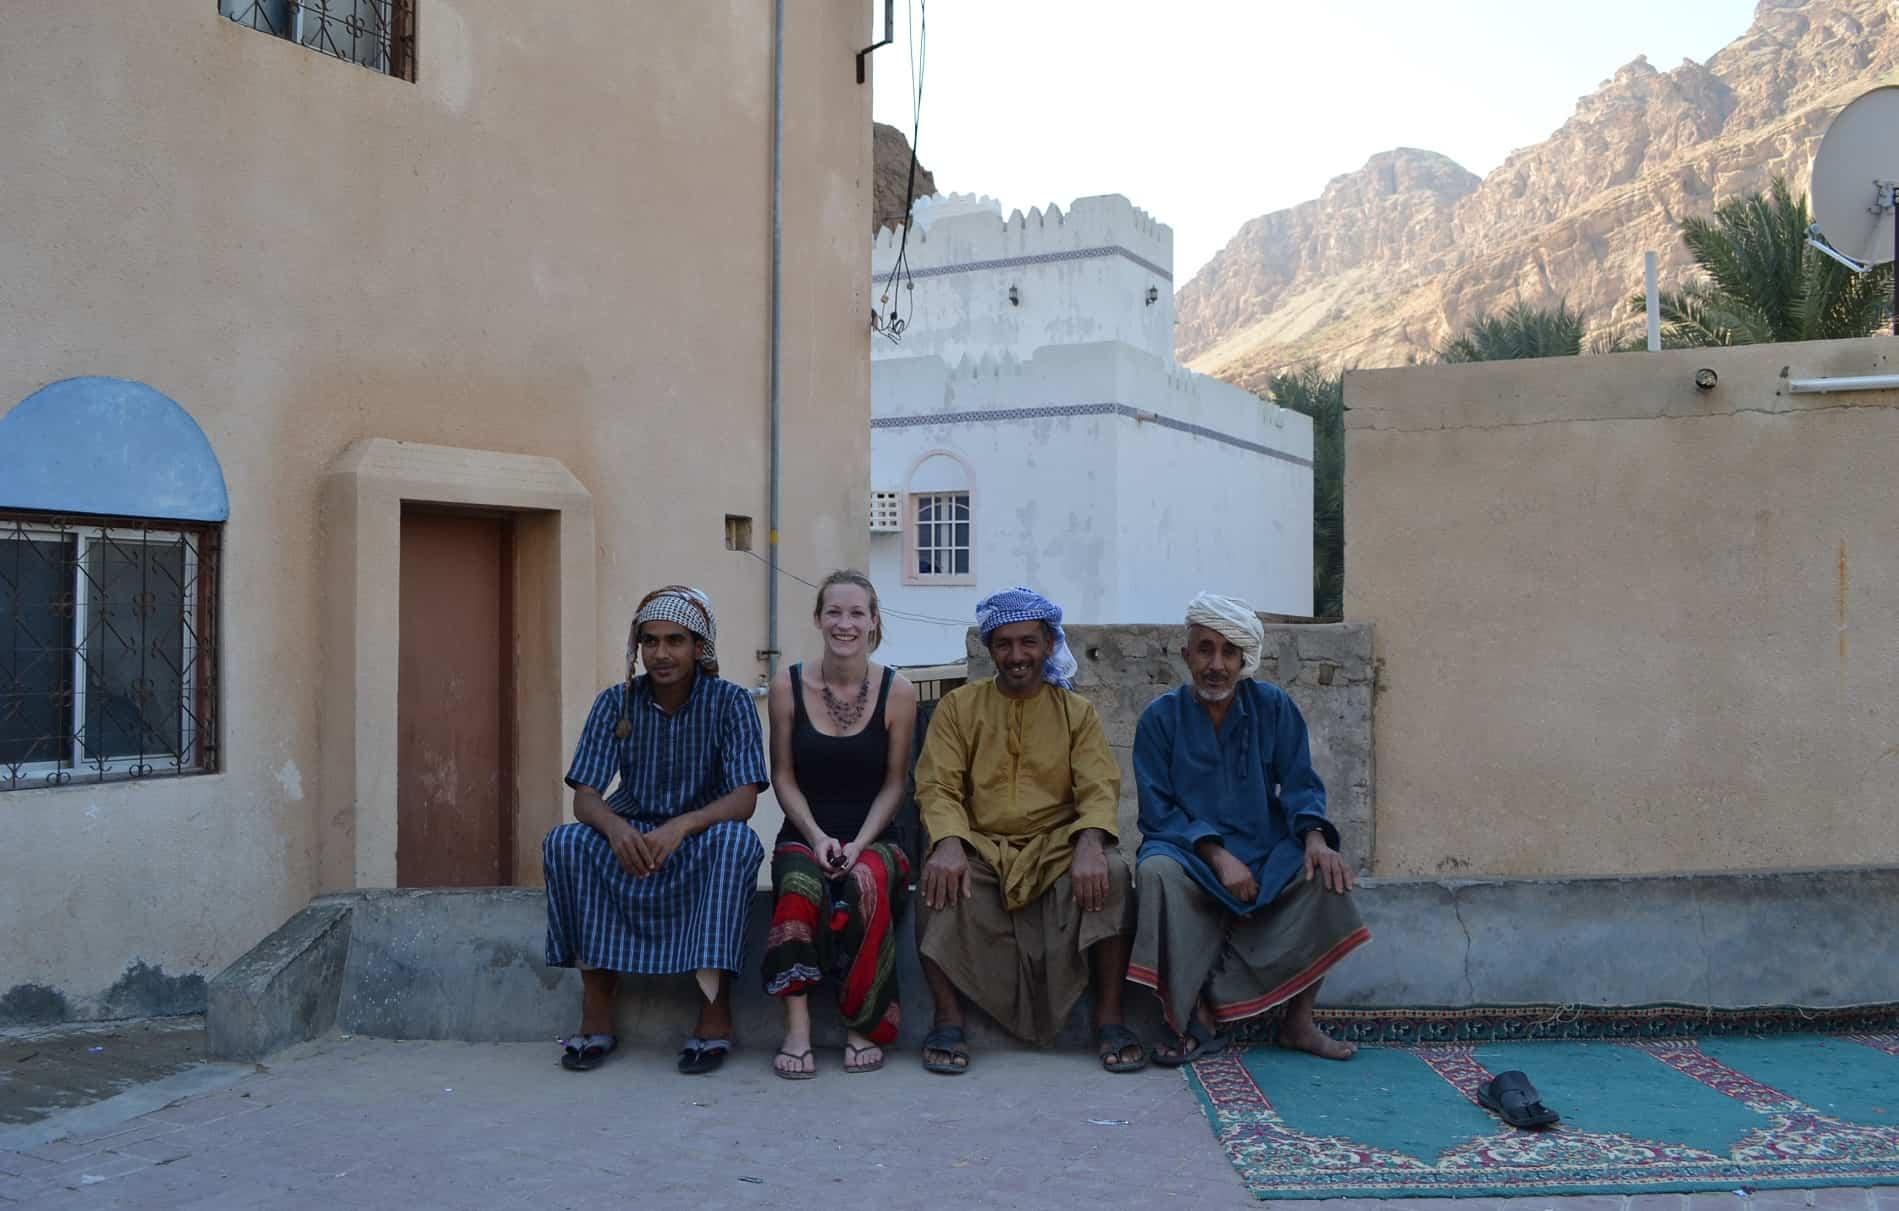 gratis online dating in Oman